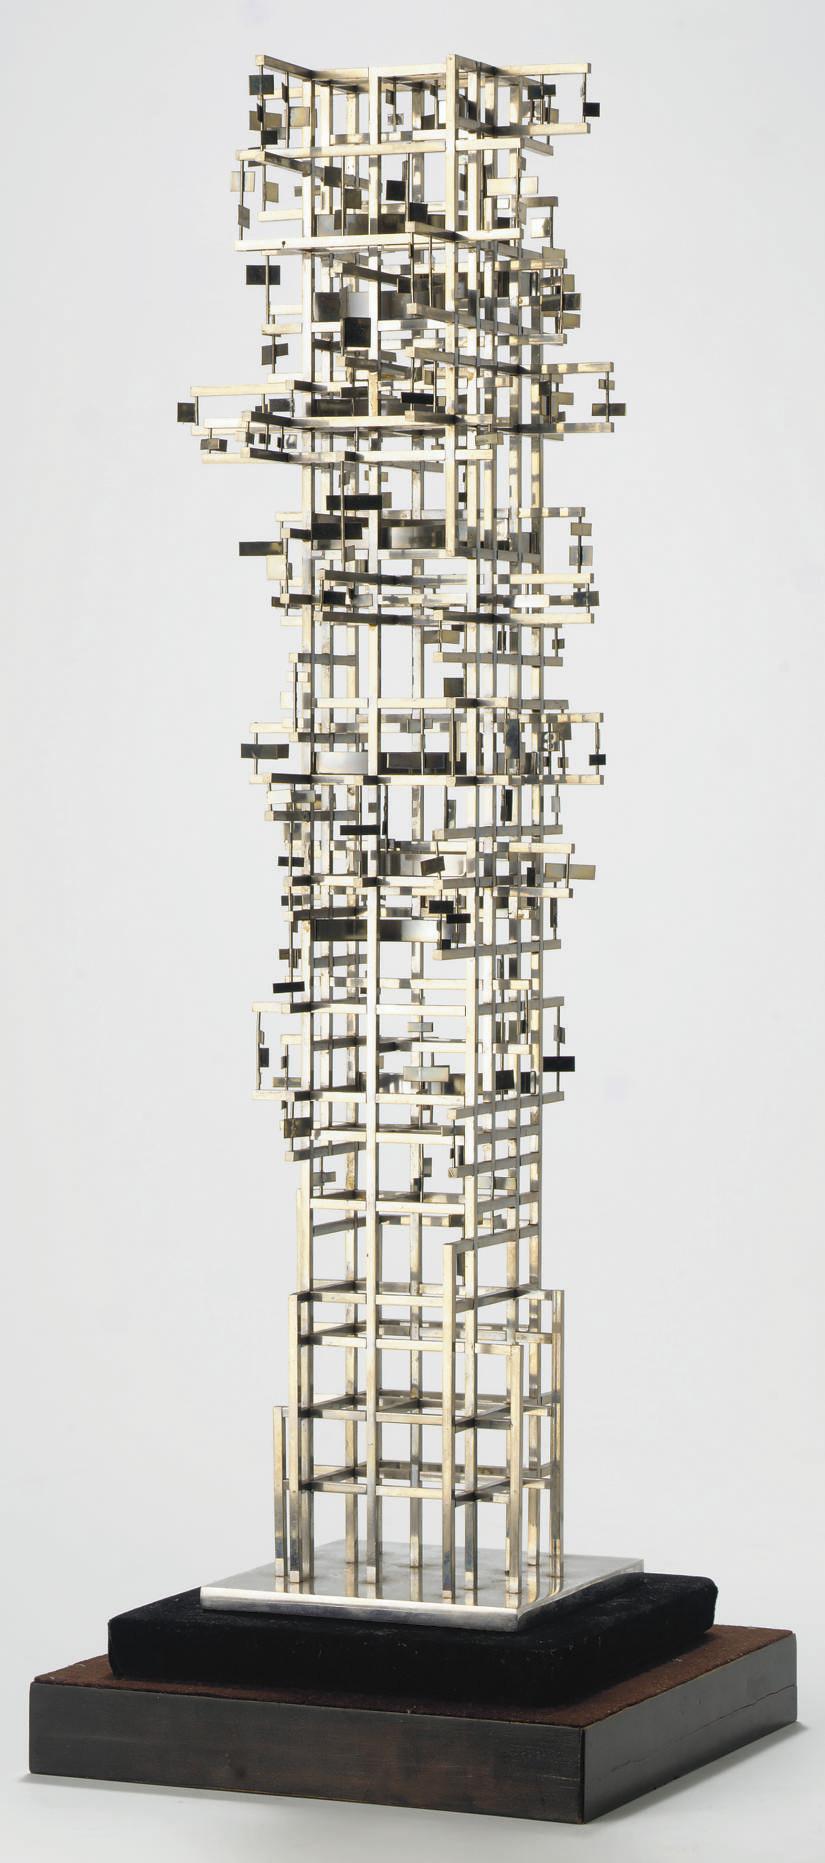 La tour (Tour Lumière de Paris)